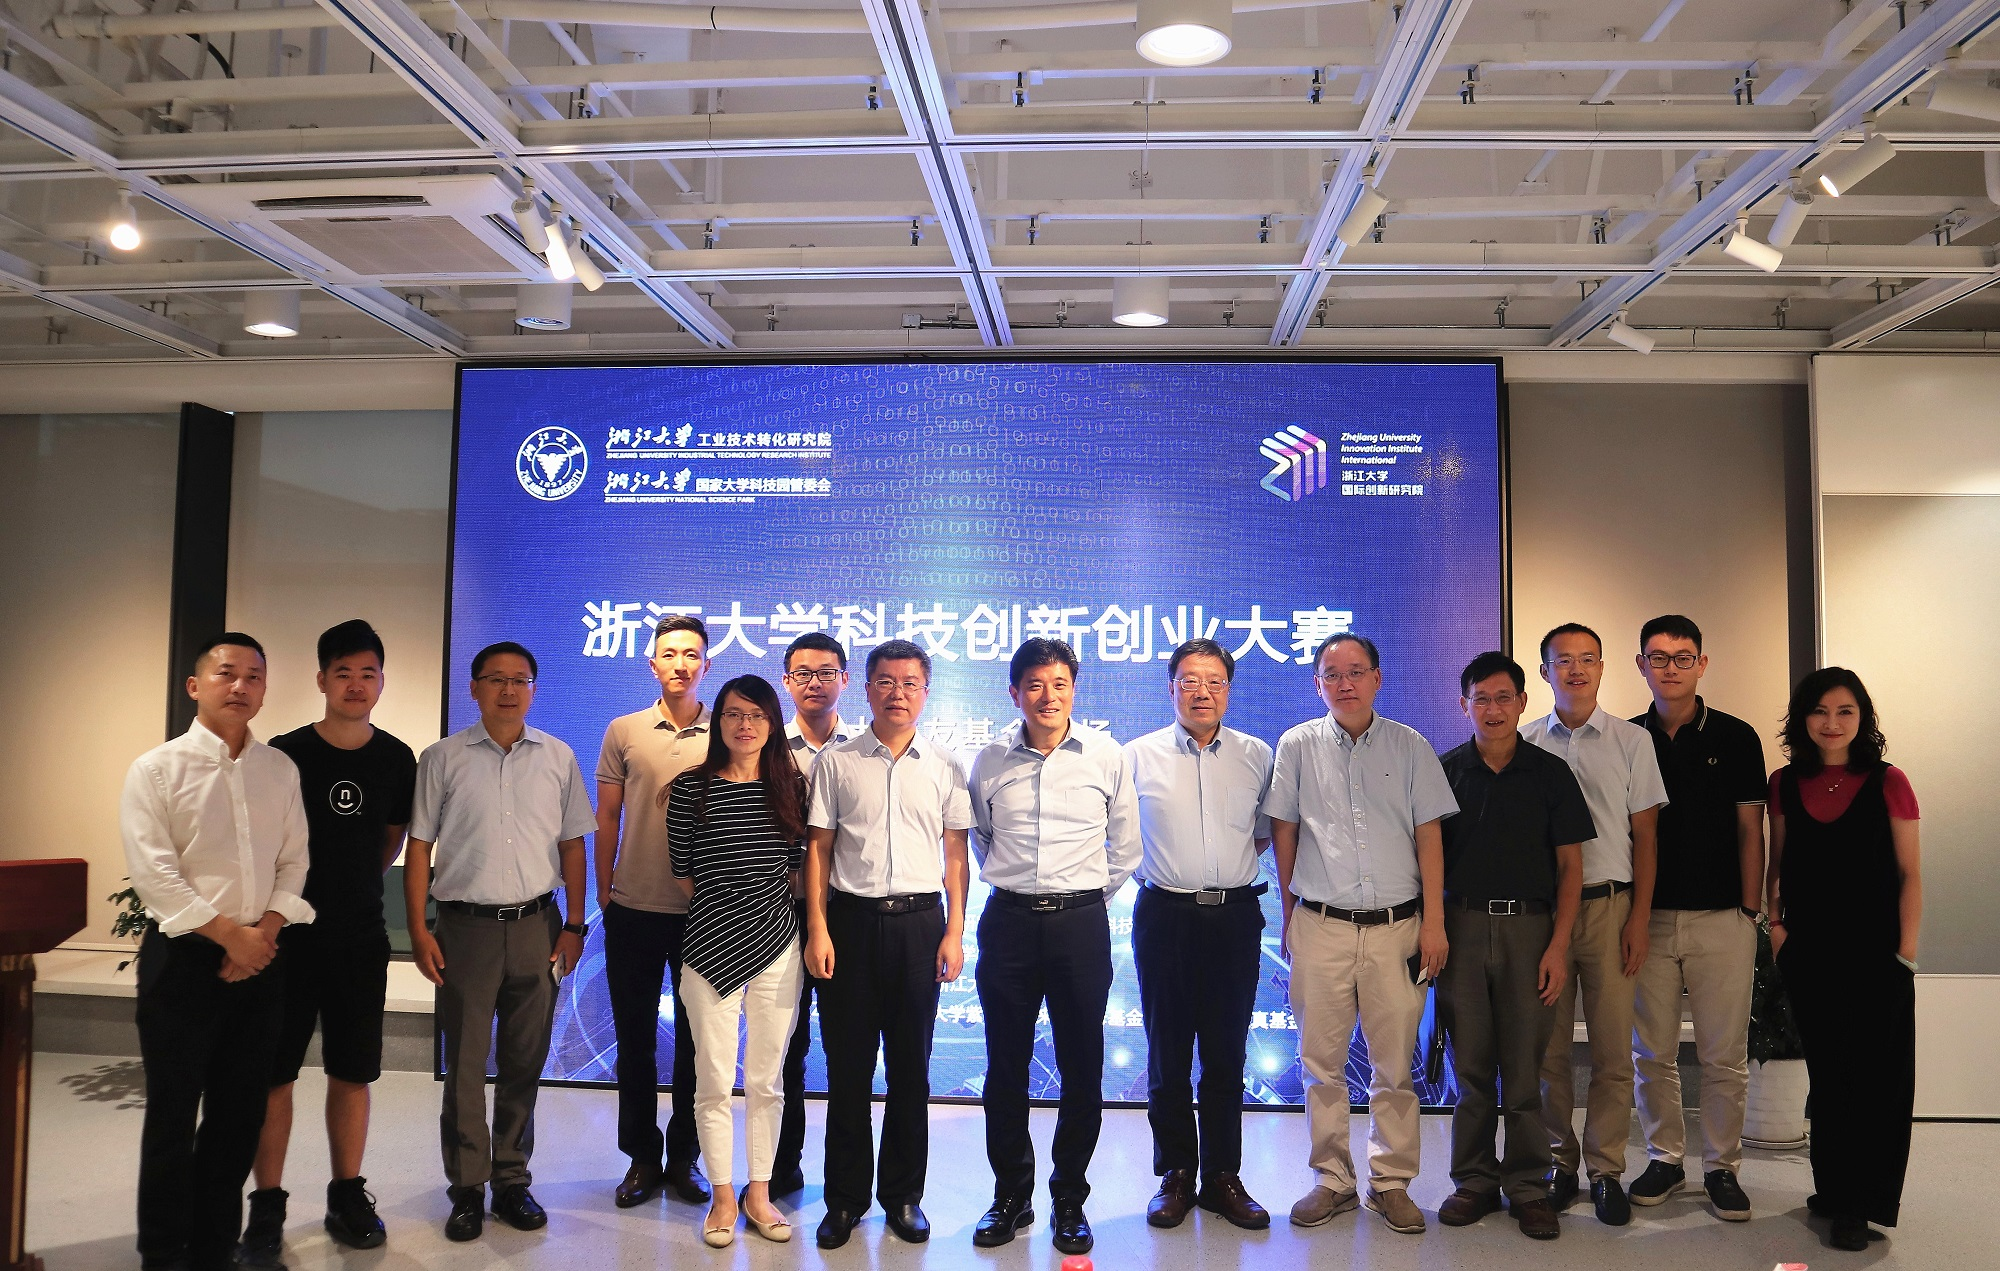 浙江大学科技创新创业大赛·浙大校友基金专场成功举办